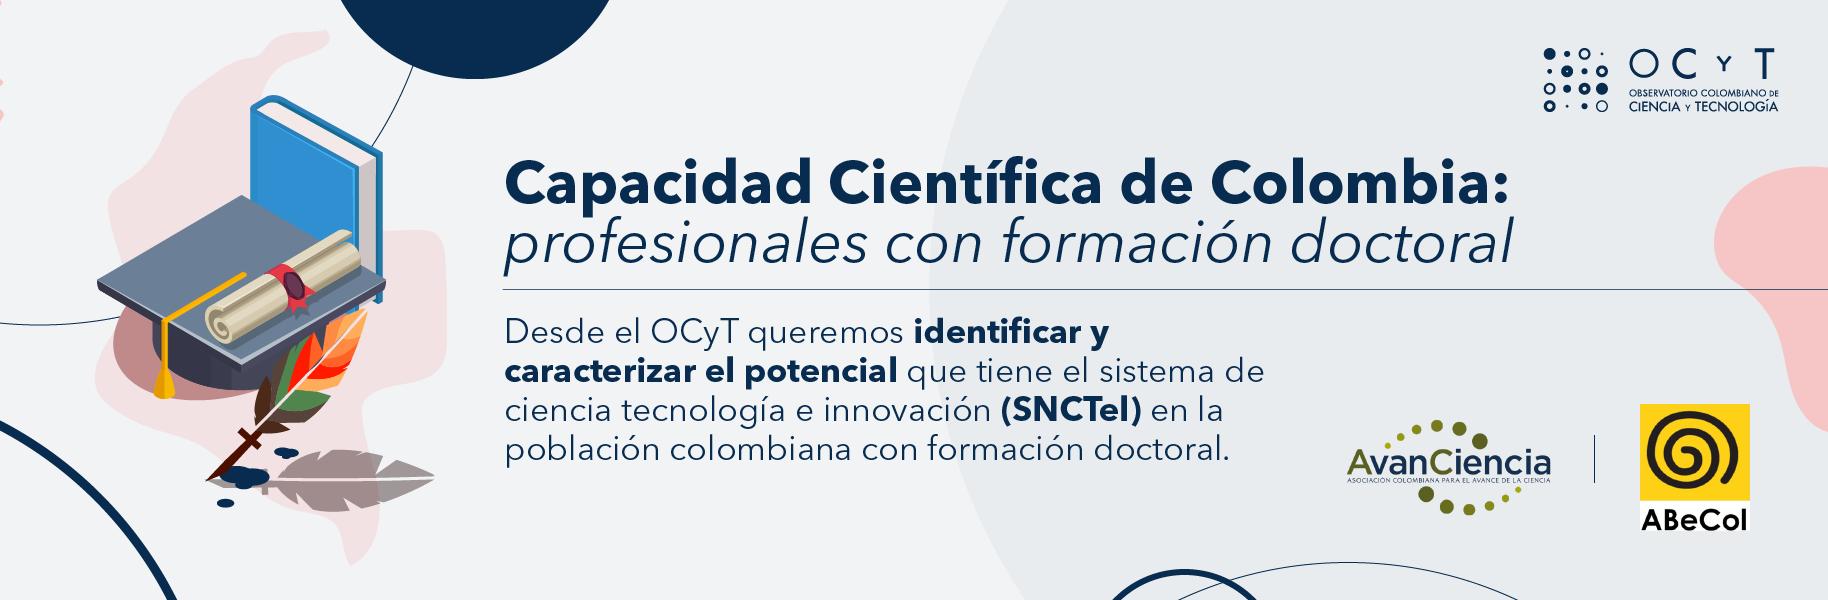 Banner Formación Doctoral_Mesa de trabajo 1